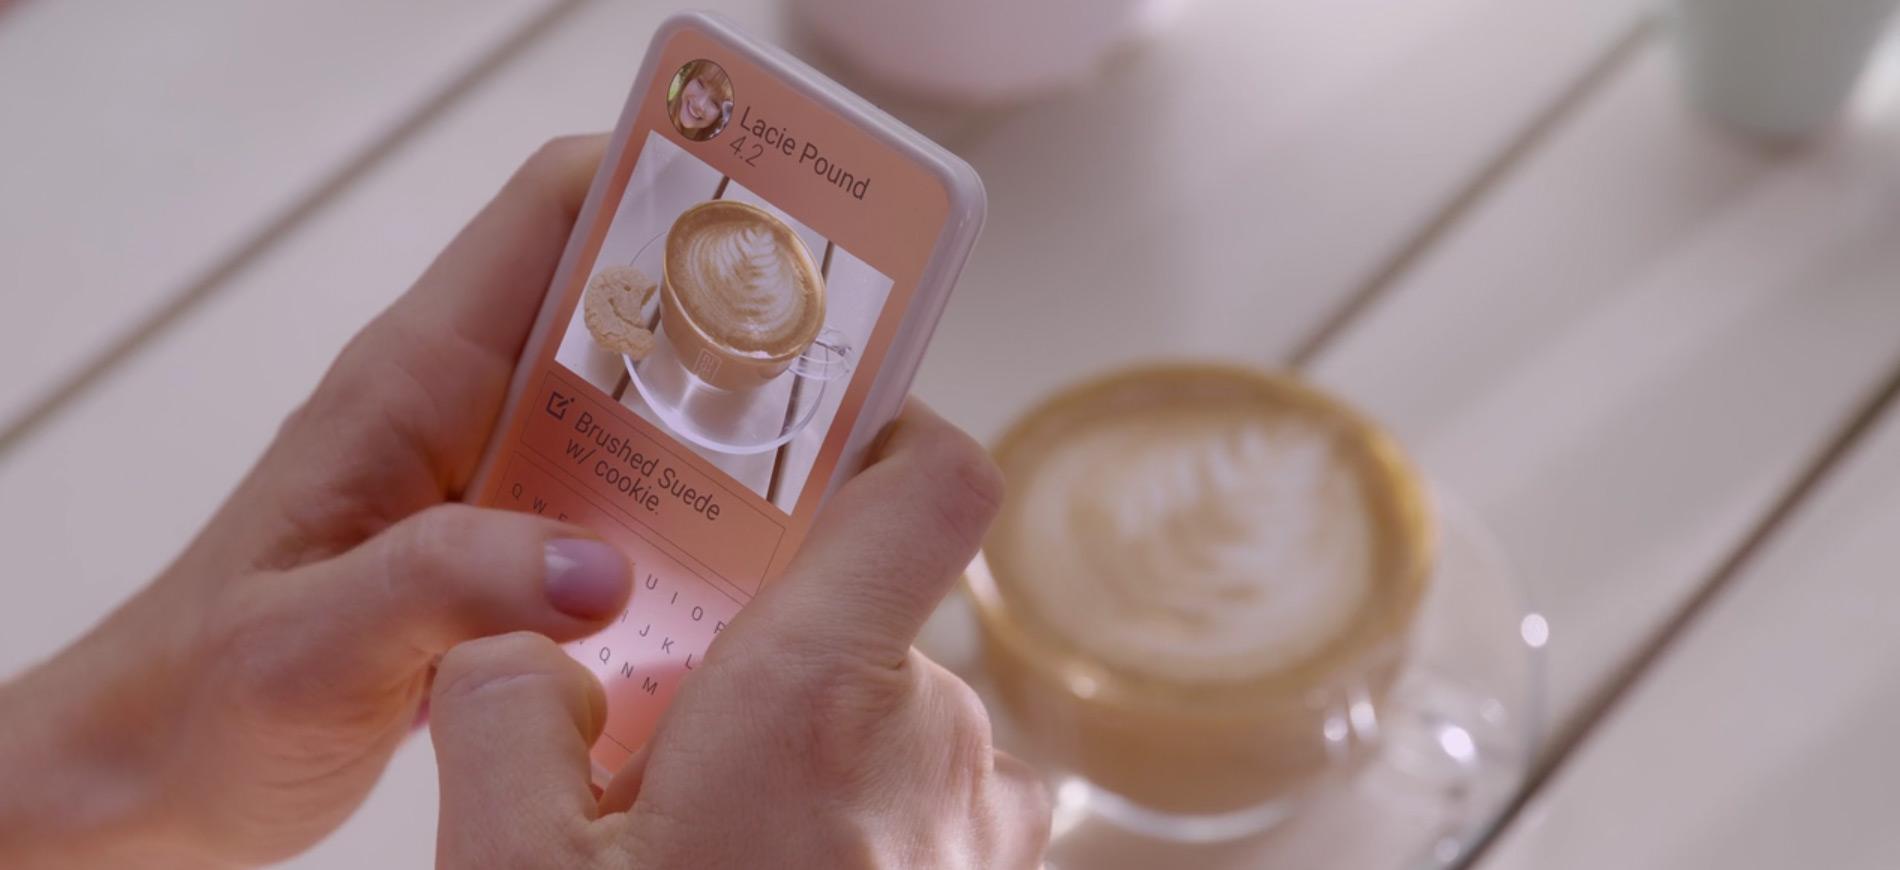 L'app di Black Mirror che valuta le persone è diventata reale | Collater.al 4